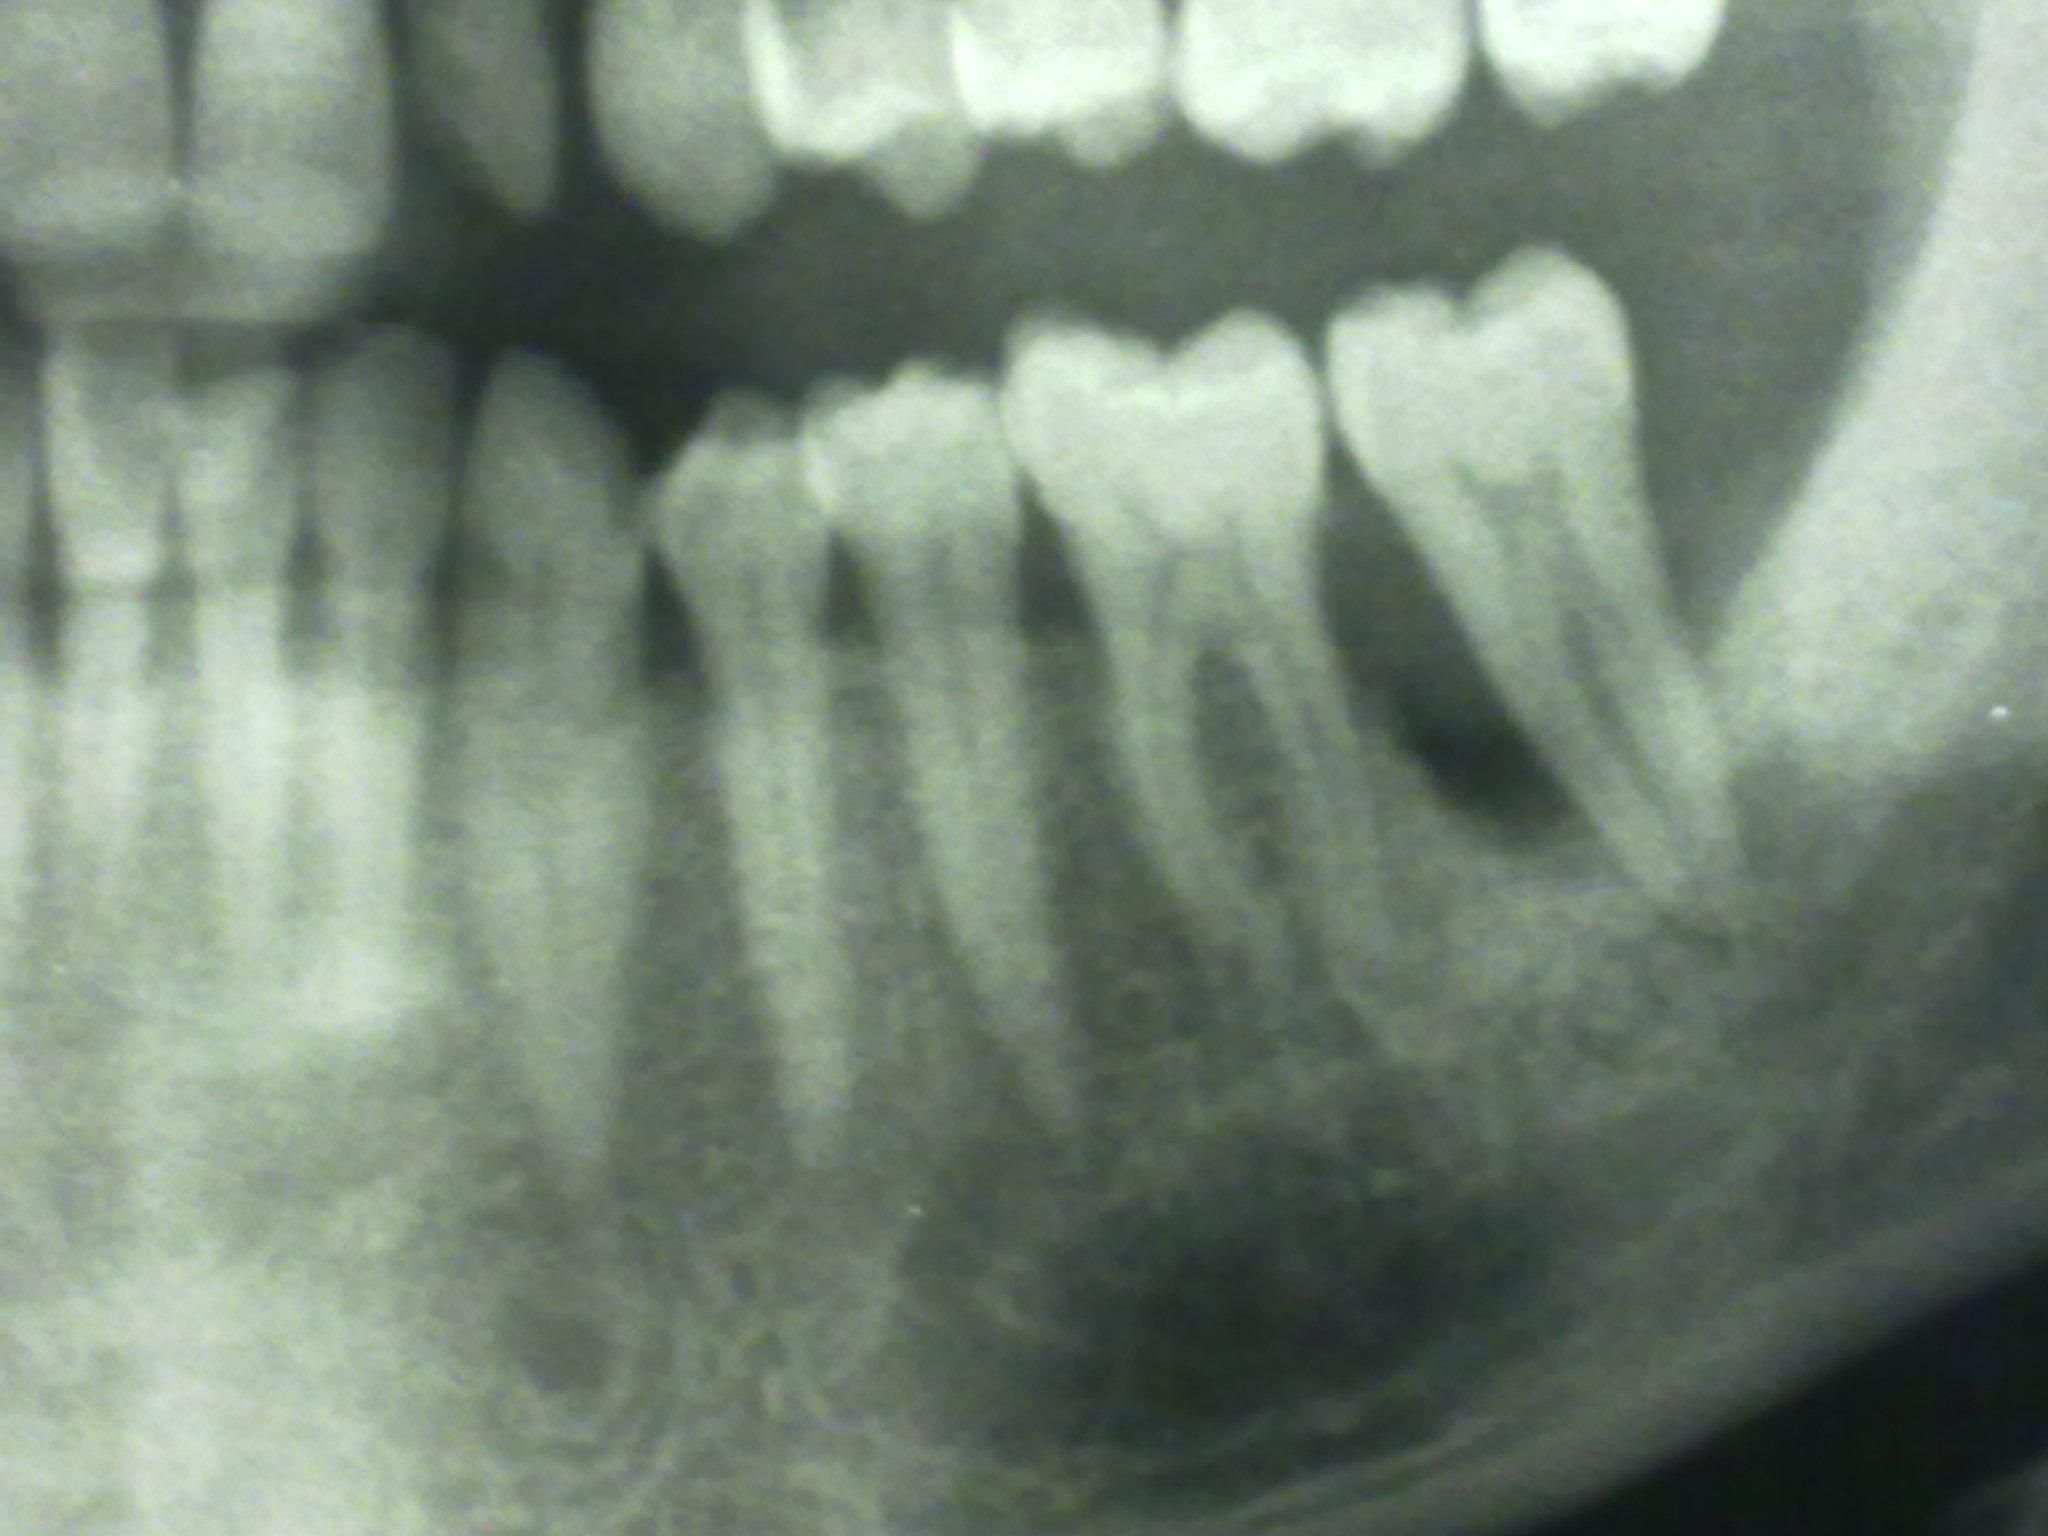 Da circa tre settimane accuso un pressante dolore in prossimità del terzo molare inf. sx.